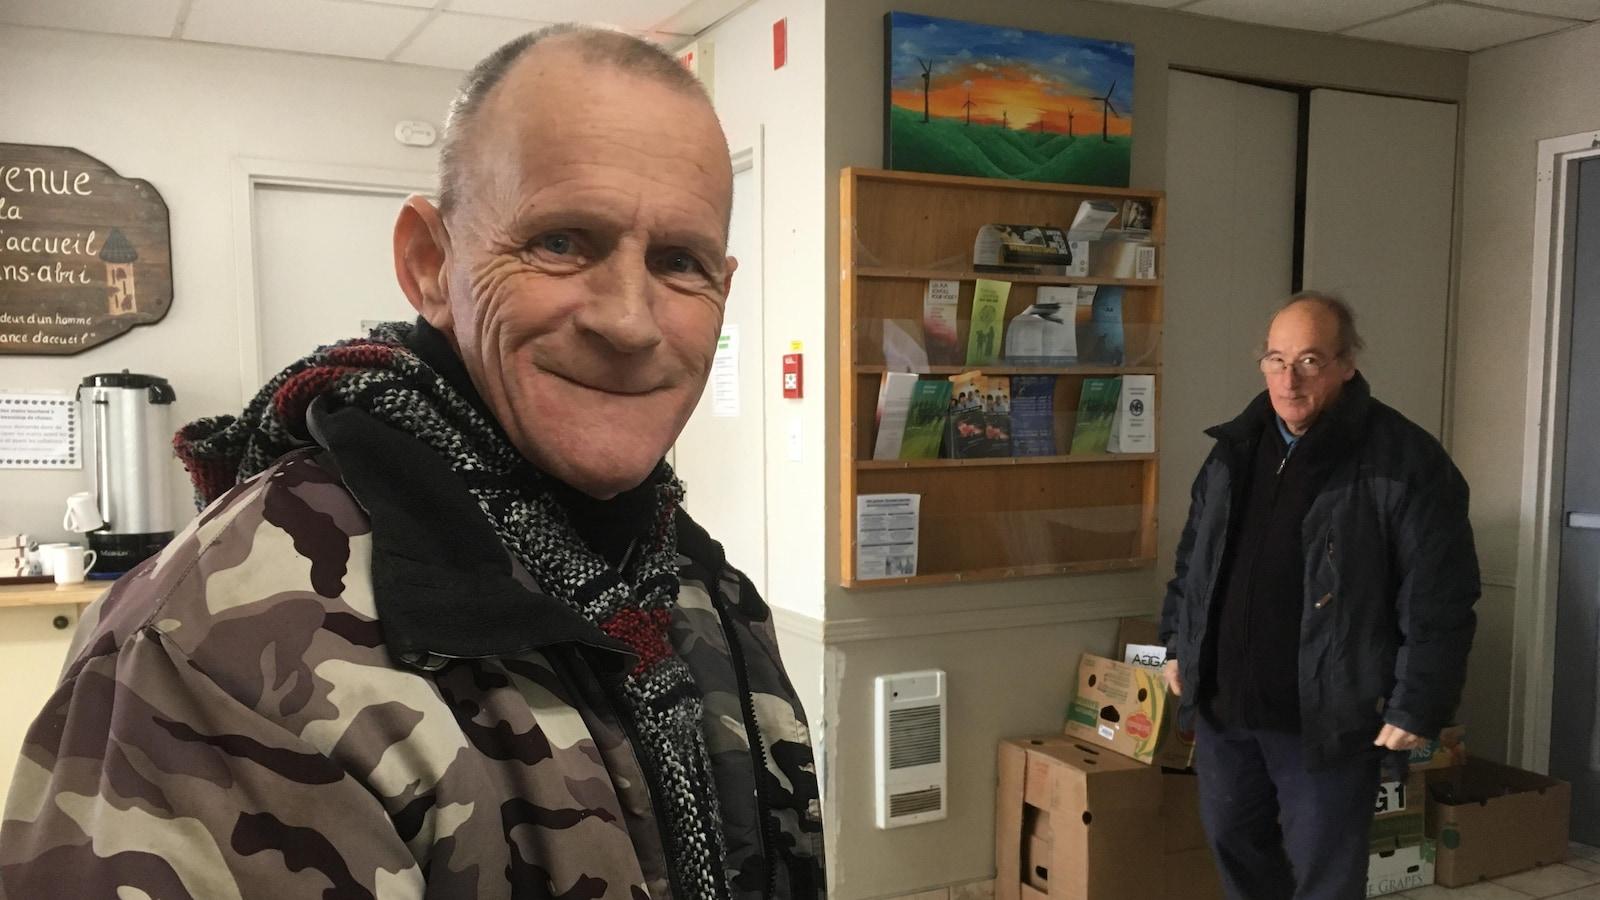 Deux hommes hébergés à la Maison des sans-abri.